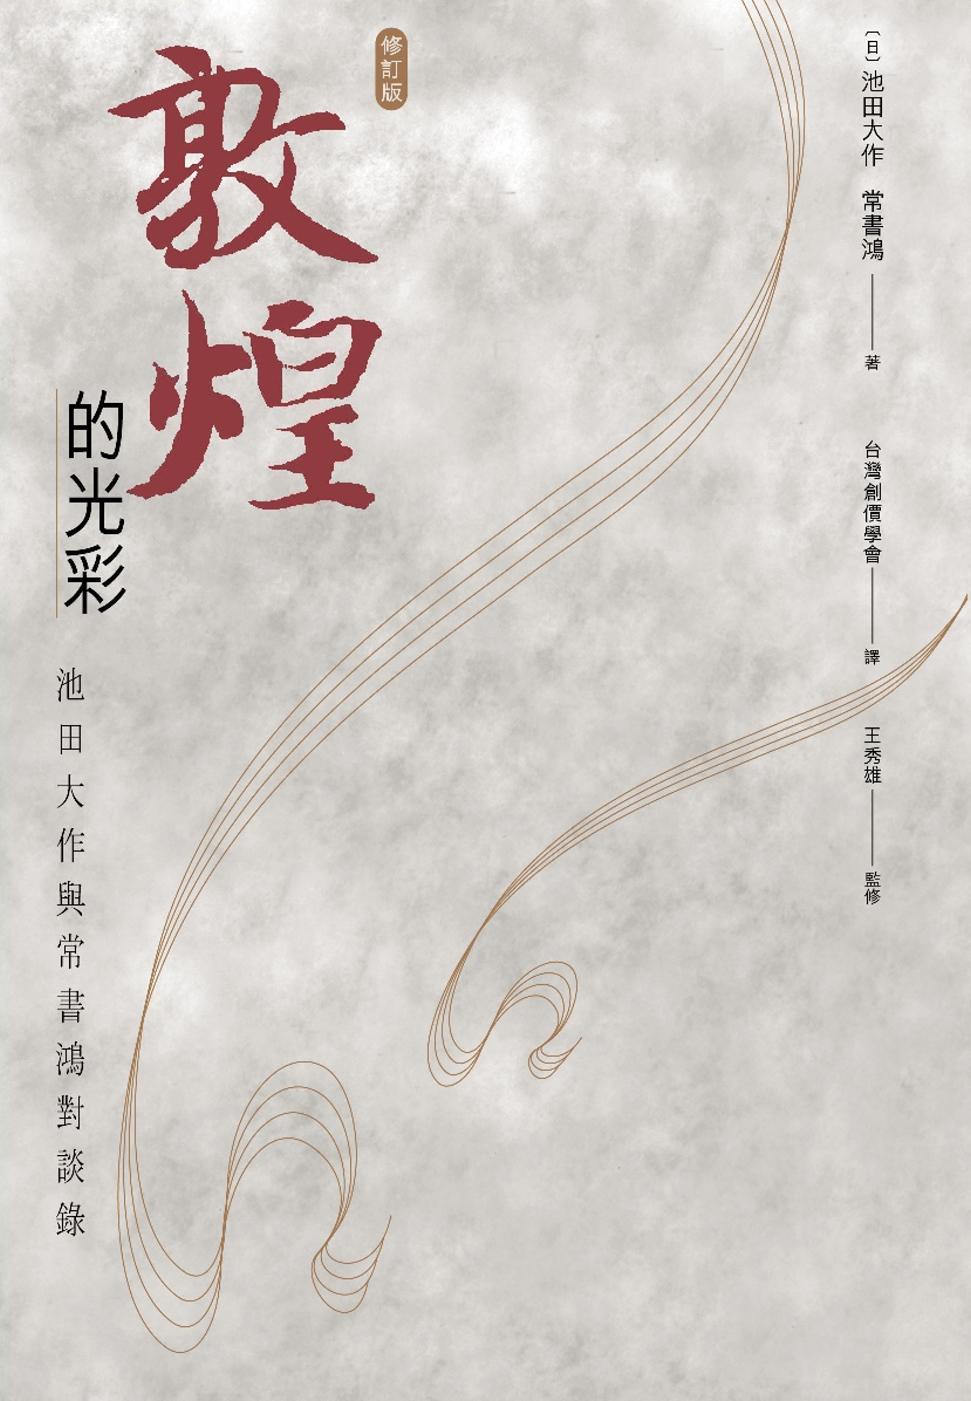 敦煌的光彩:池田大作與常書鴻對談錄(修訂版)